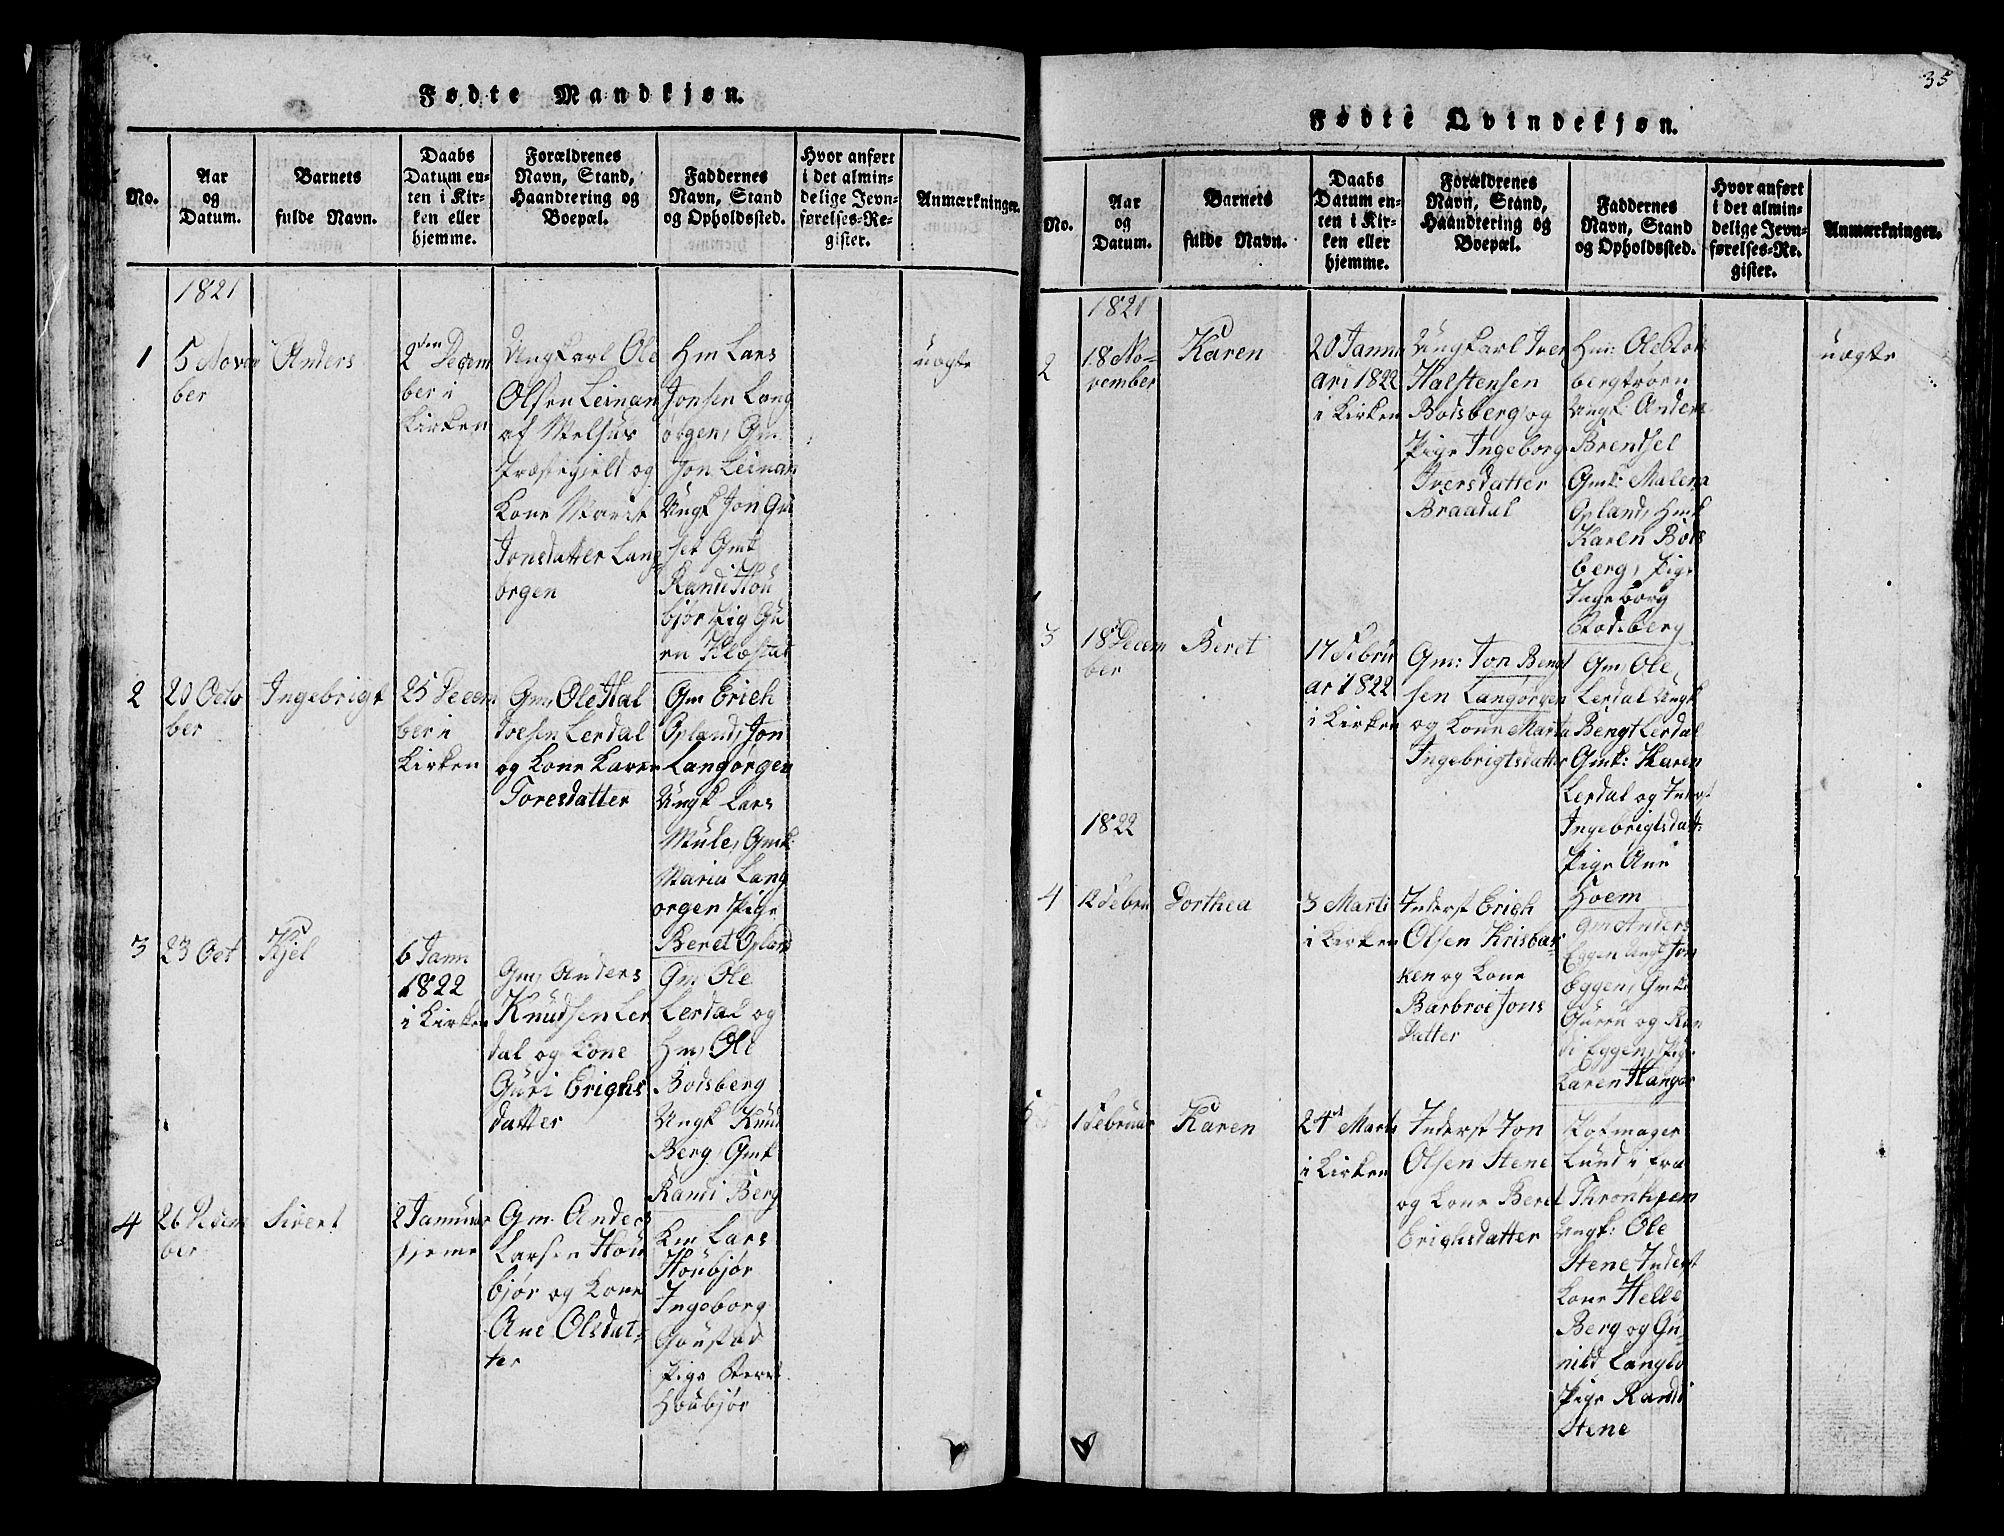 SAT, Ministerialprotokoller, klokkerbøker og fødselsregistre - Sør-Trøndelag, 612/L0385: Klokkerbok nr. 612C01, 1816-1845, s. 35